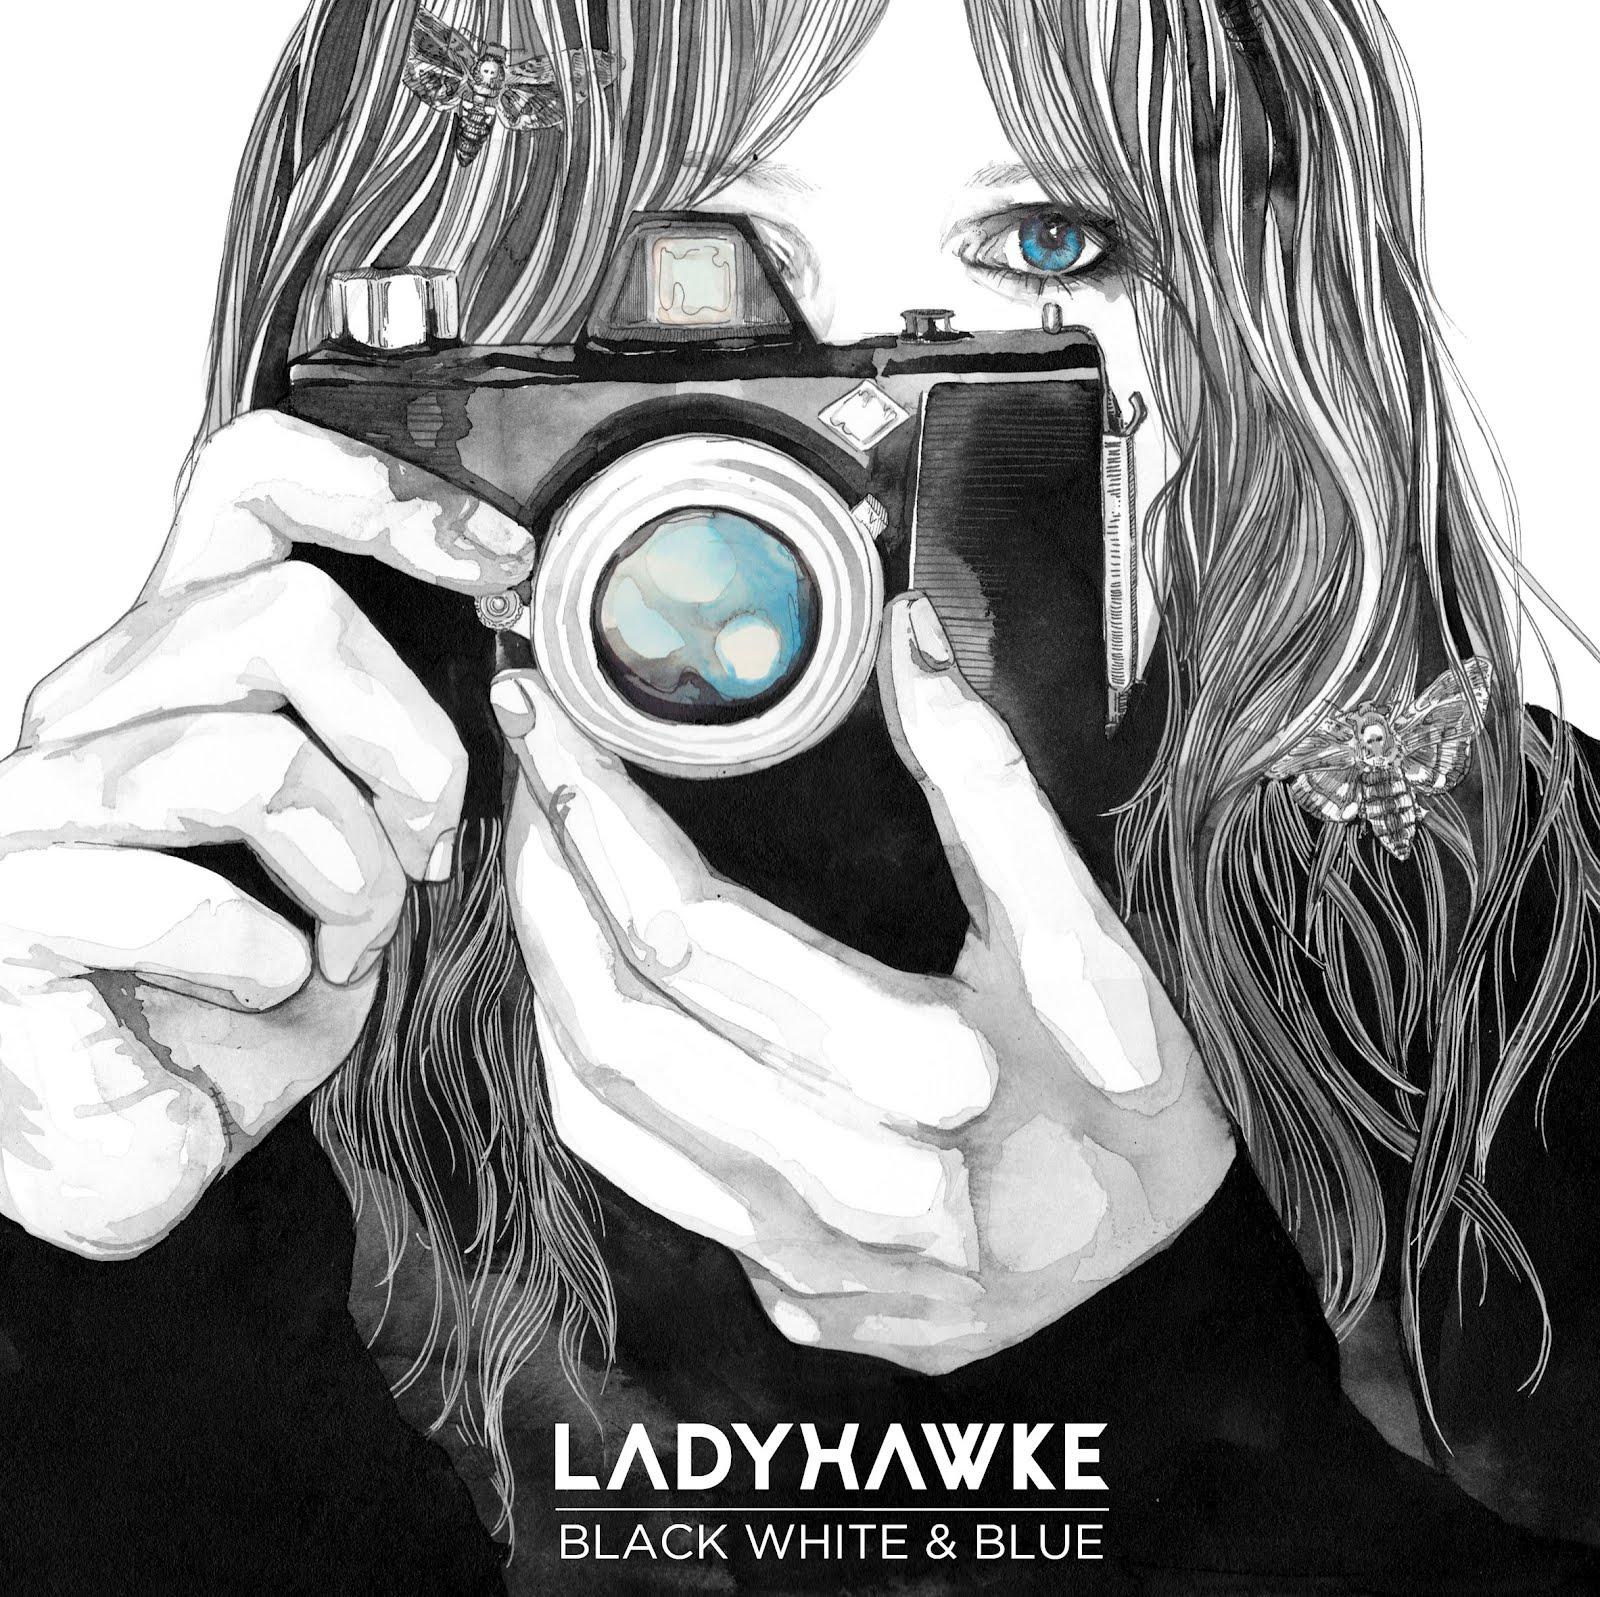 Ladyhawke BWB